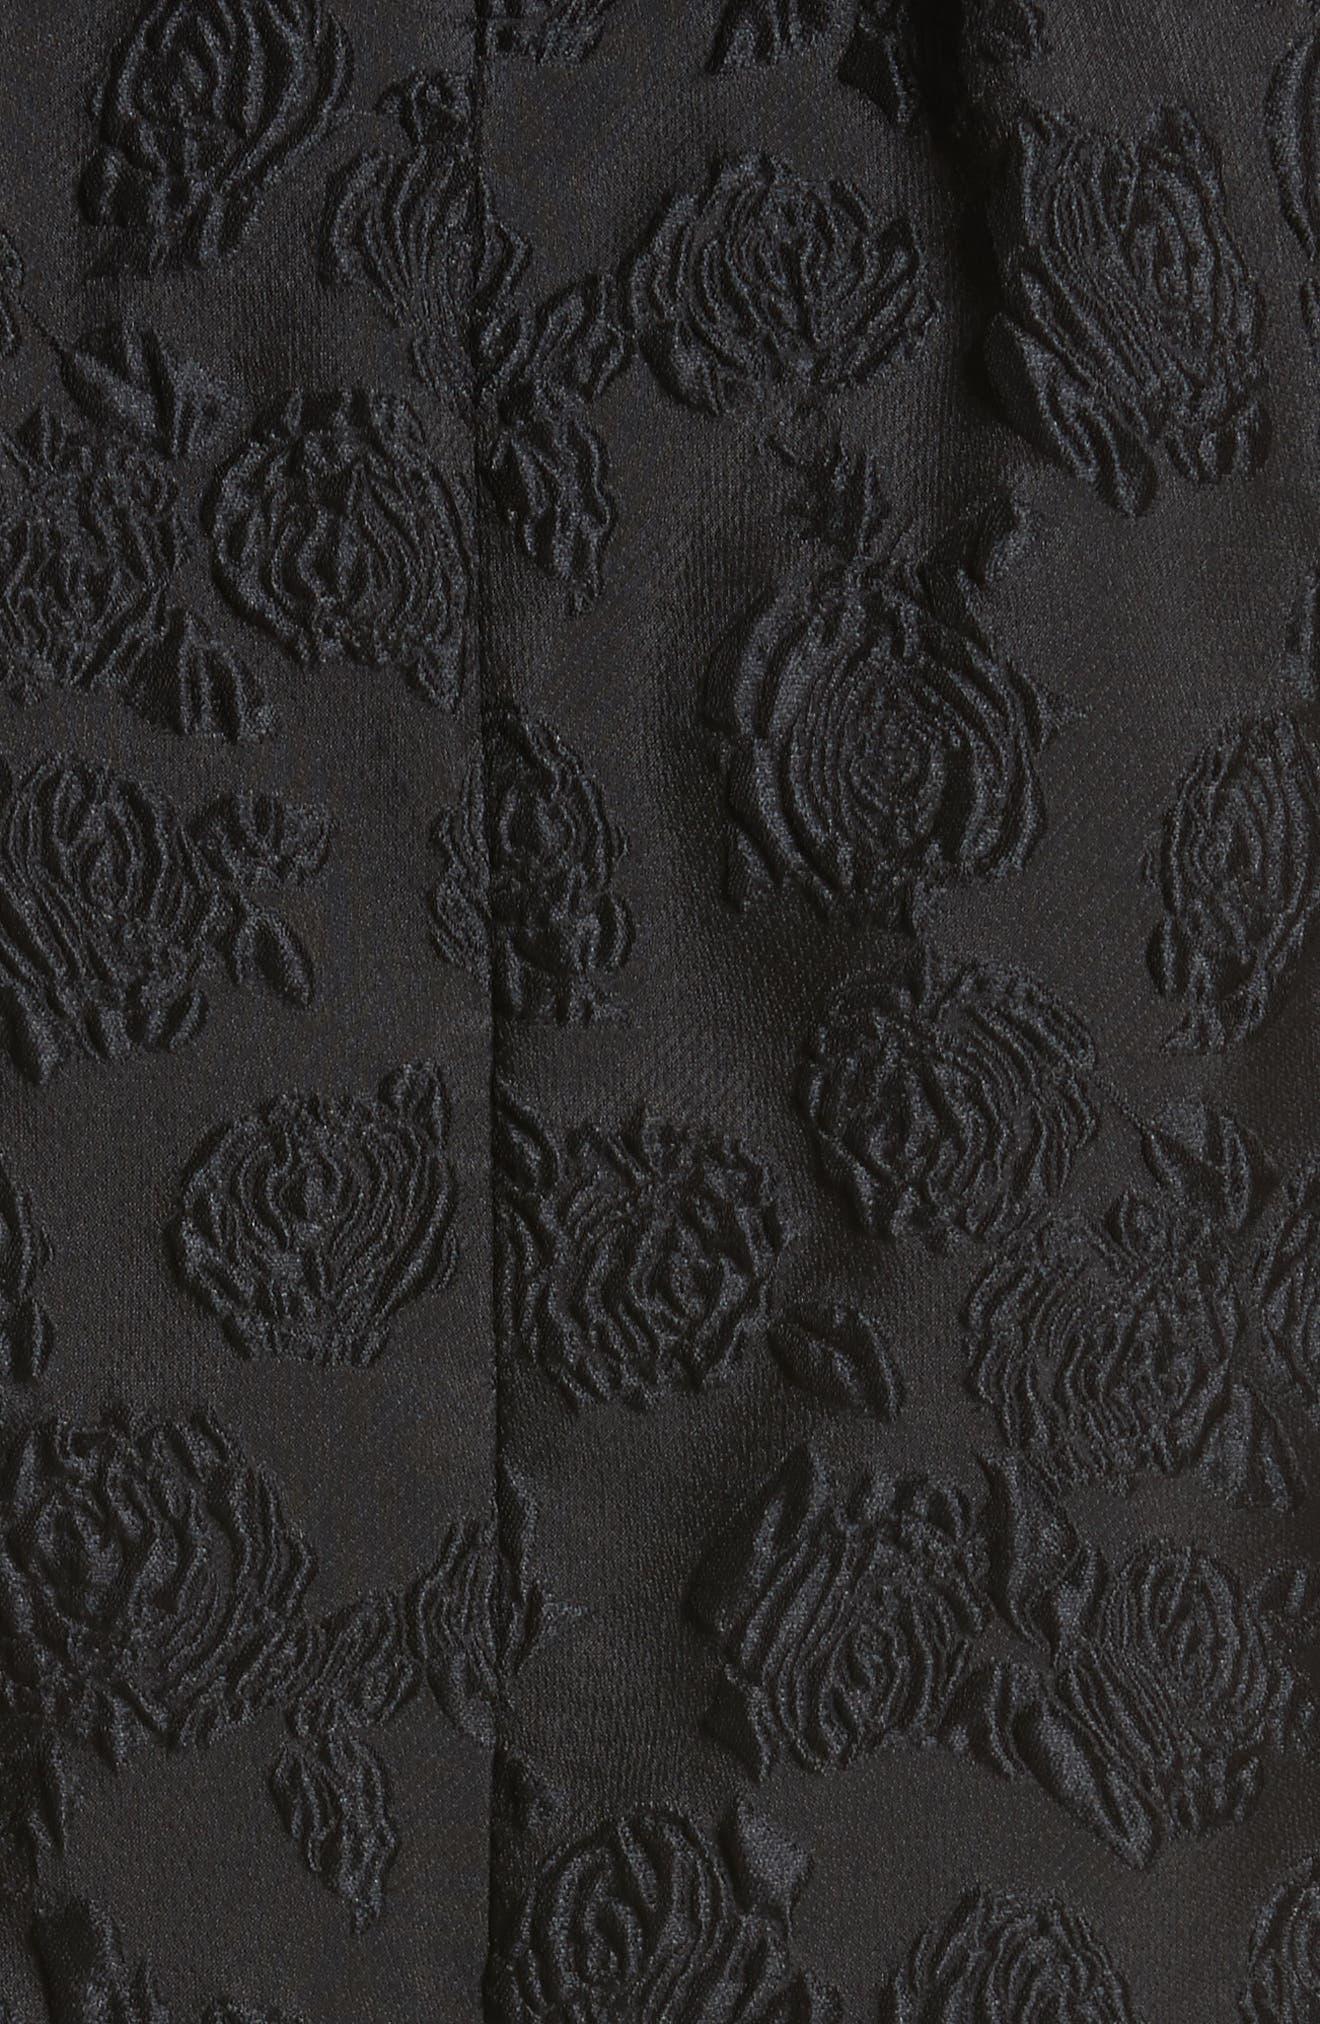 Rose Jacquard Dress,                             Alternate thumbnail 5, color,                             001